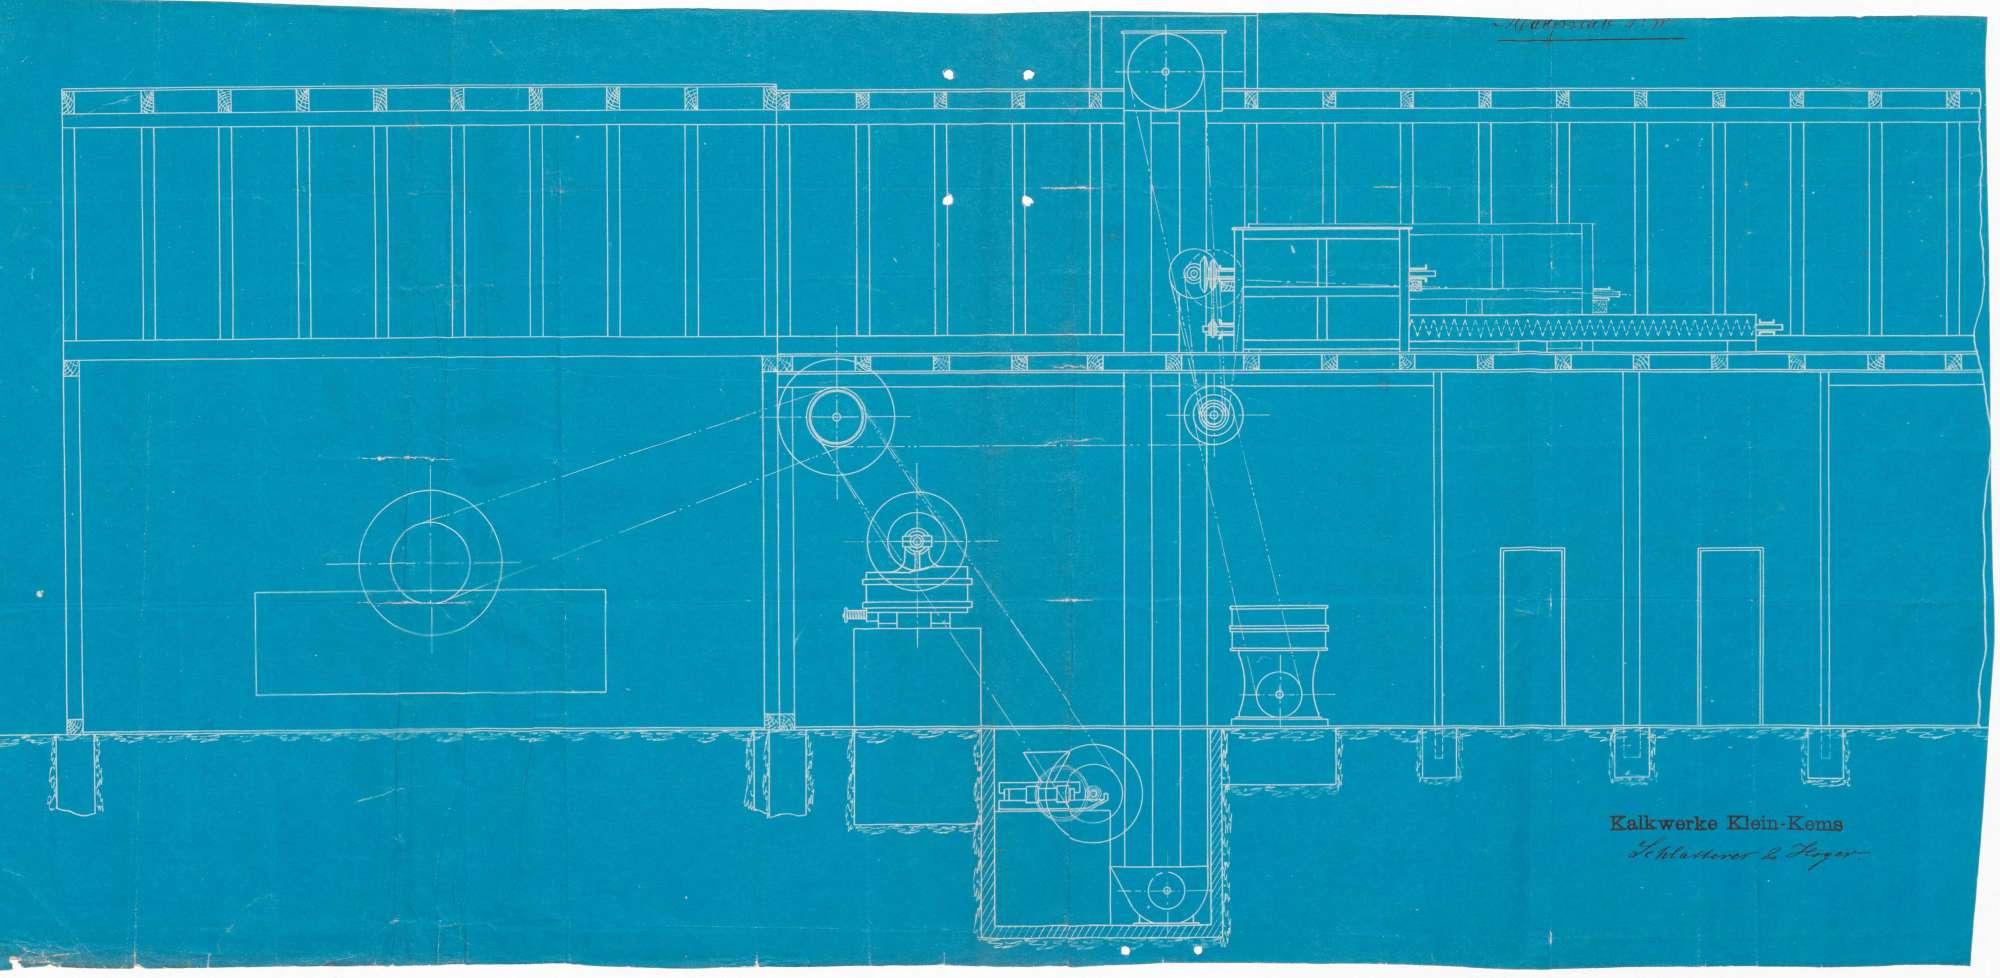 Errichtung einer mechanischen Kalkzerkleinerungsanlage-Kalkmüllerei und Terrazzomahlanlage durch die Kalkwerke Schlatterer & Hoyer, Kleinkems, Bild 3